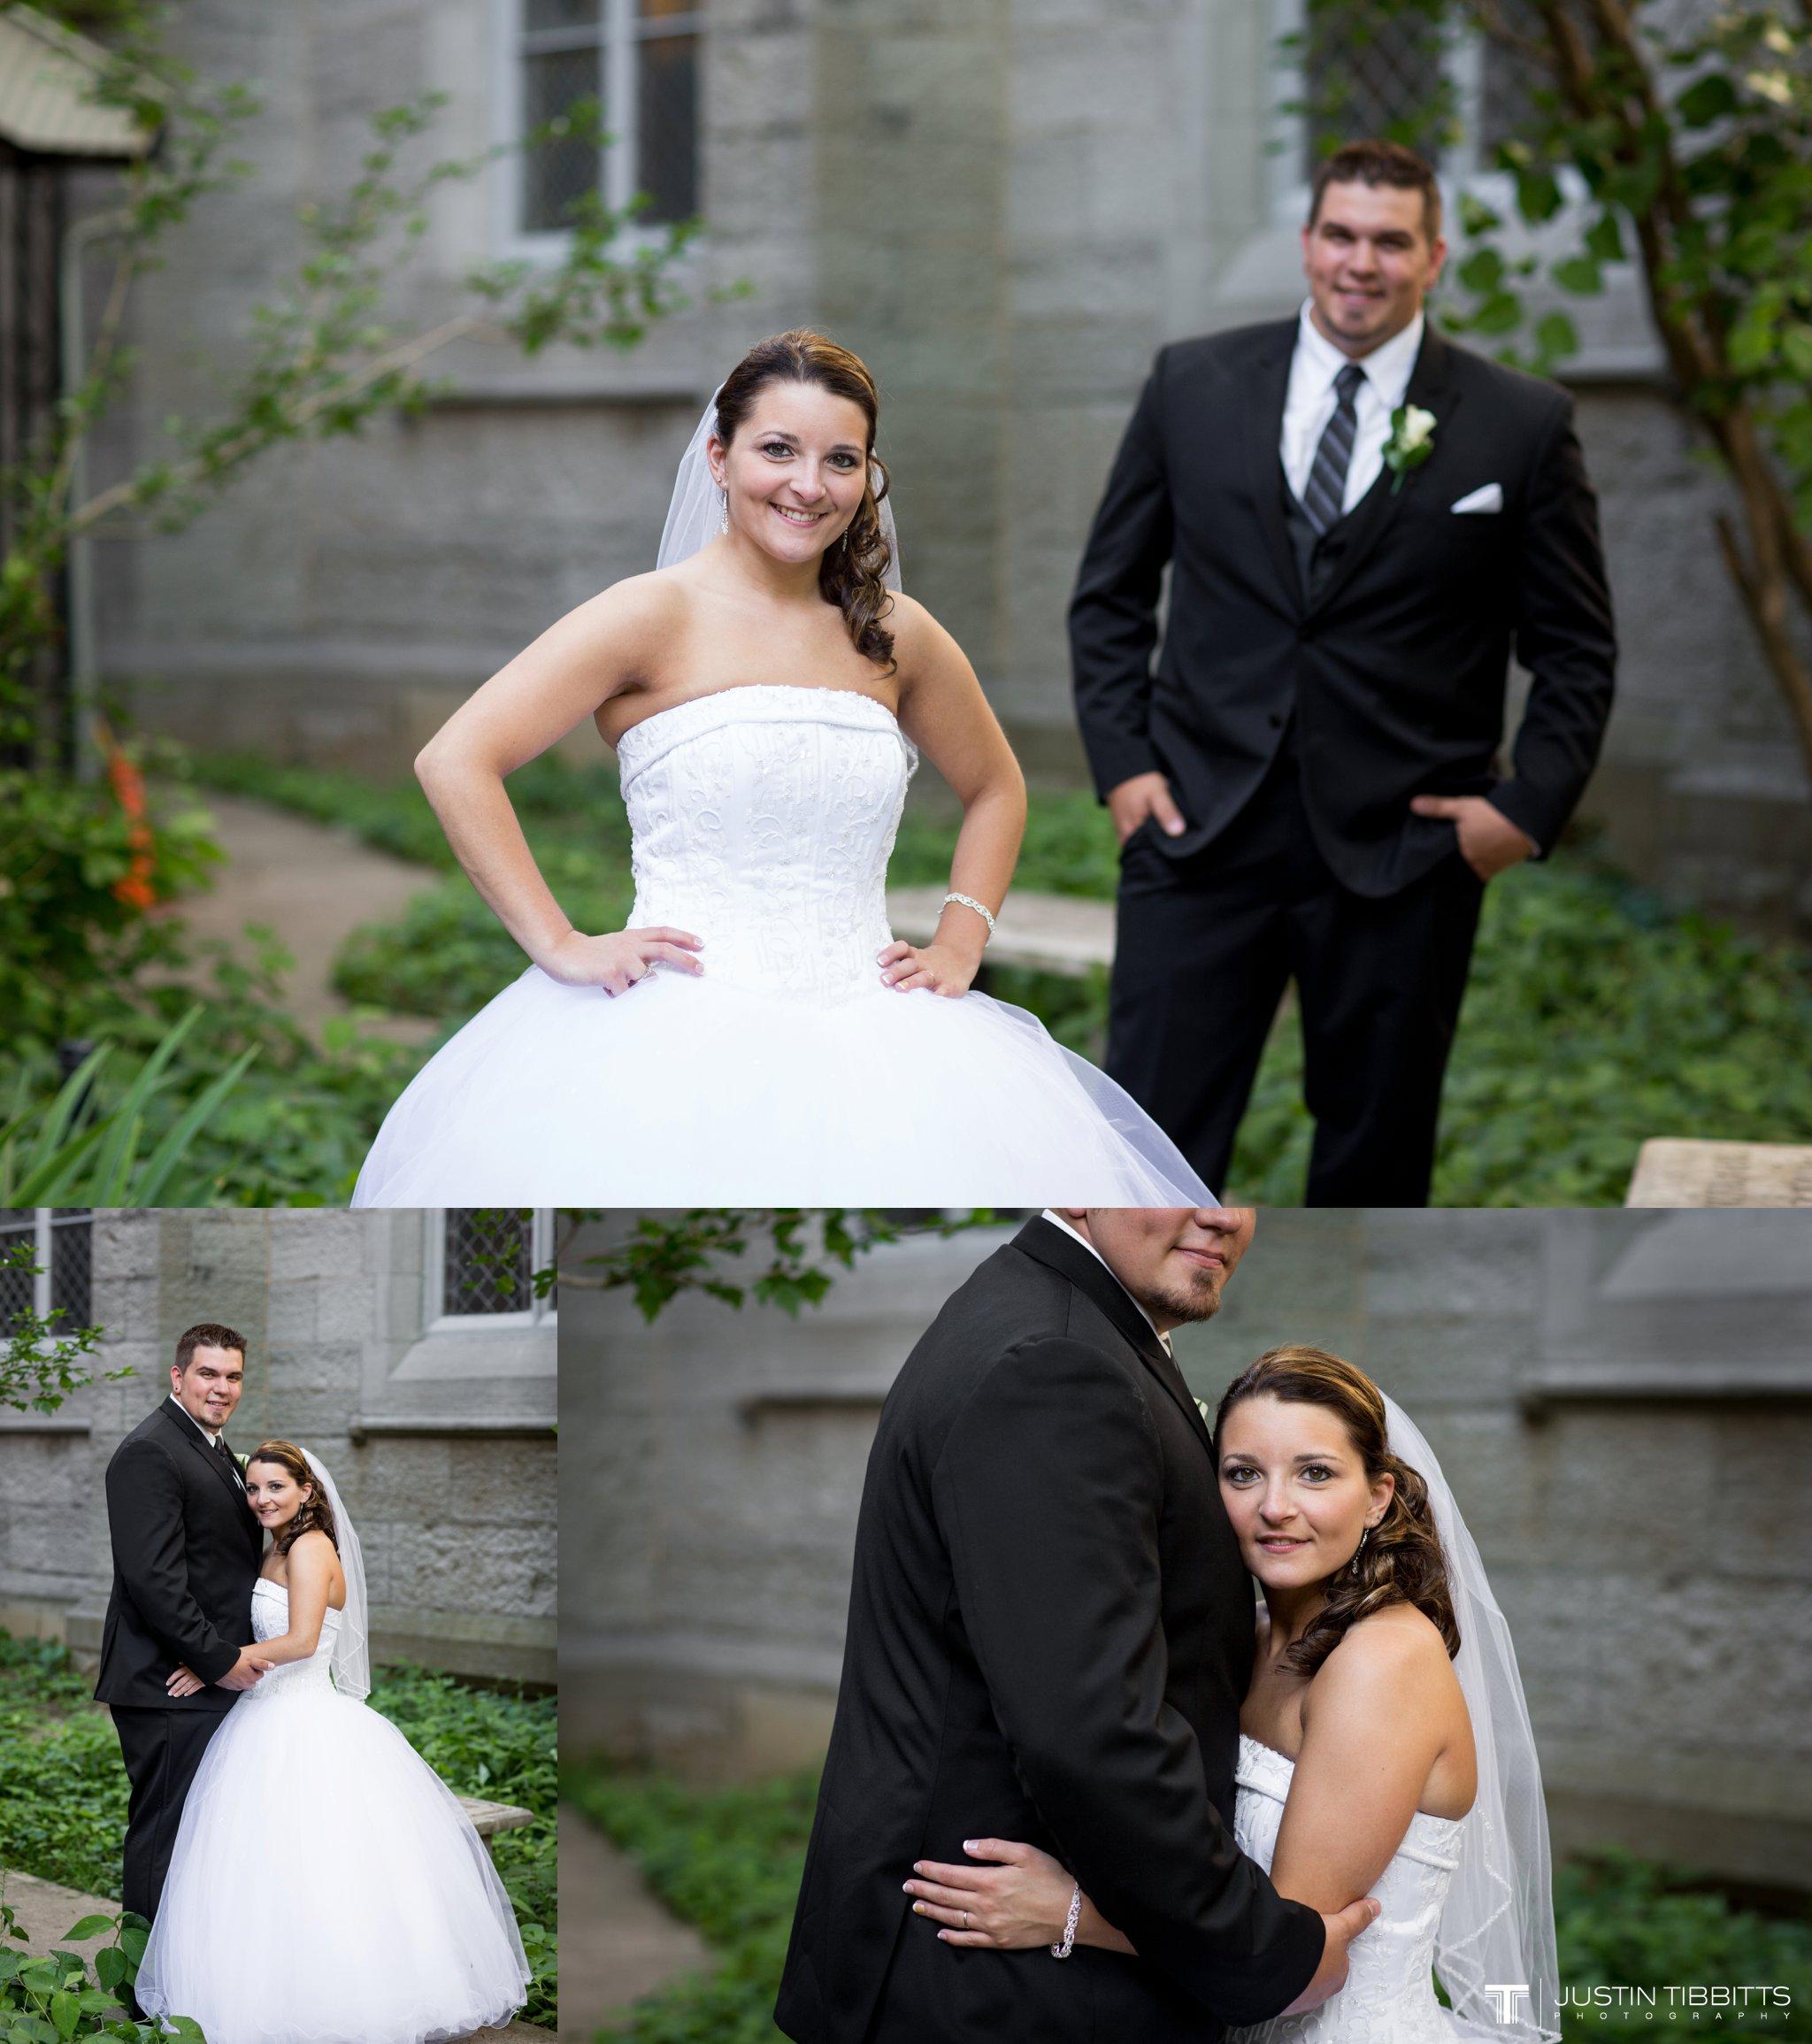 Albany NY Wedding Photographer Justin Tibbitts Photography 2014 Best of Albany NY Weddings-444662